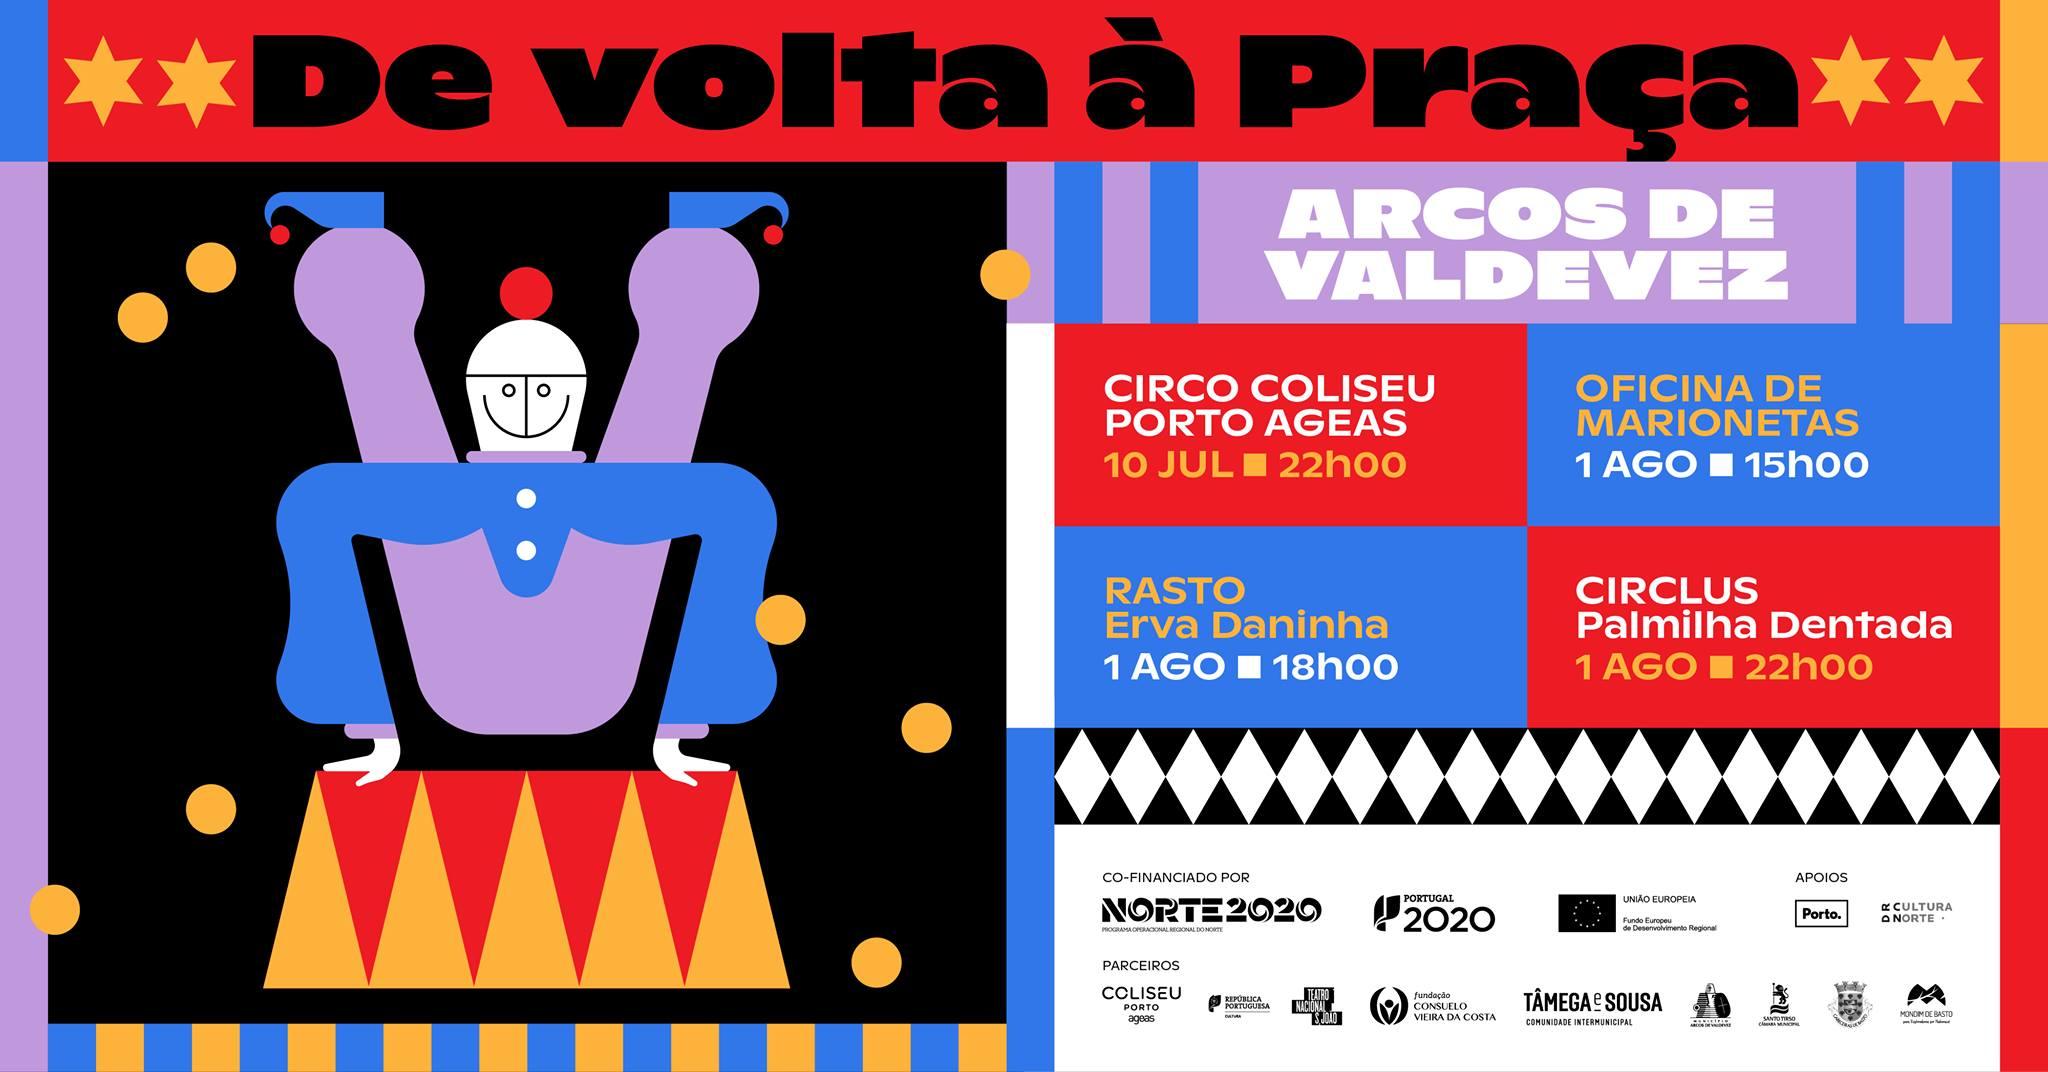 De Volta à Praça | ARCOS DE VALDEVEZ